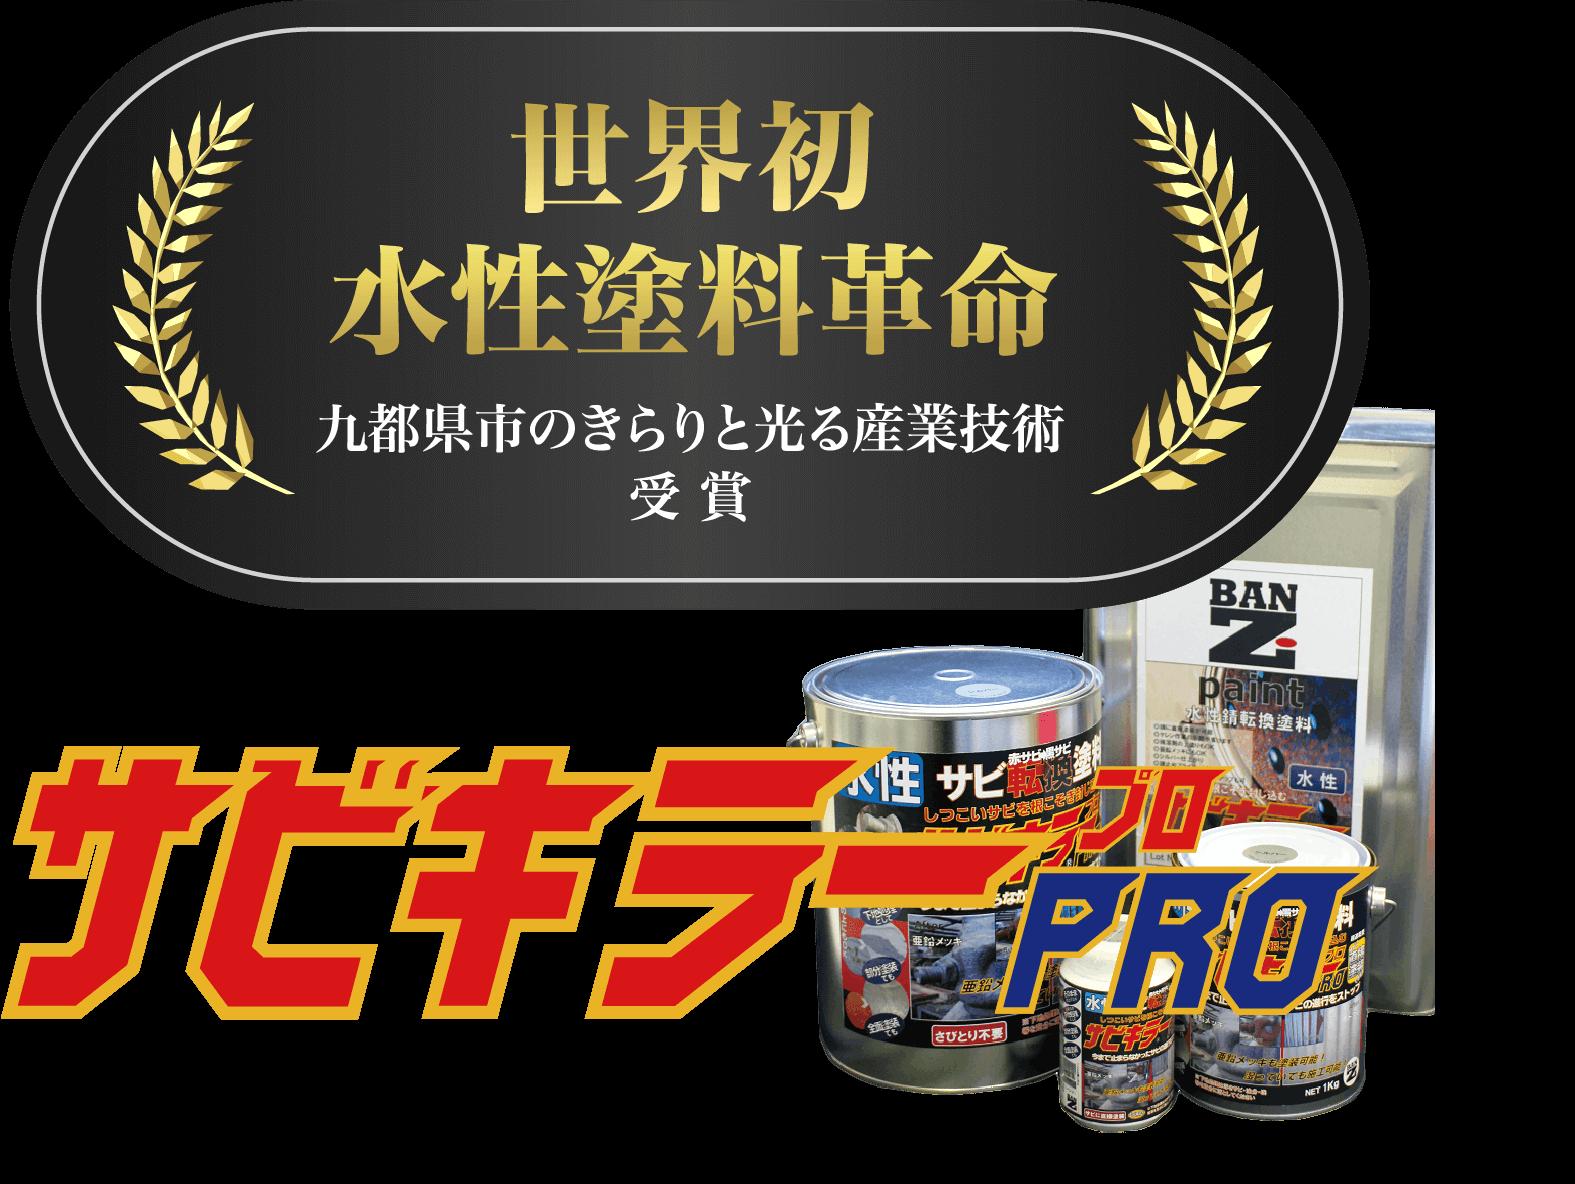 世界初。水性塗料革命。九都県市のきらりと光る産業技術受賞。サビキラーPRO。